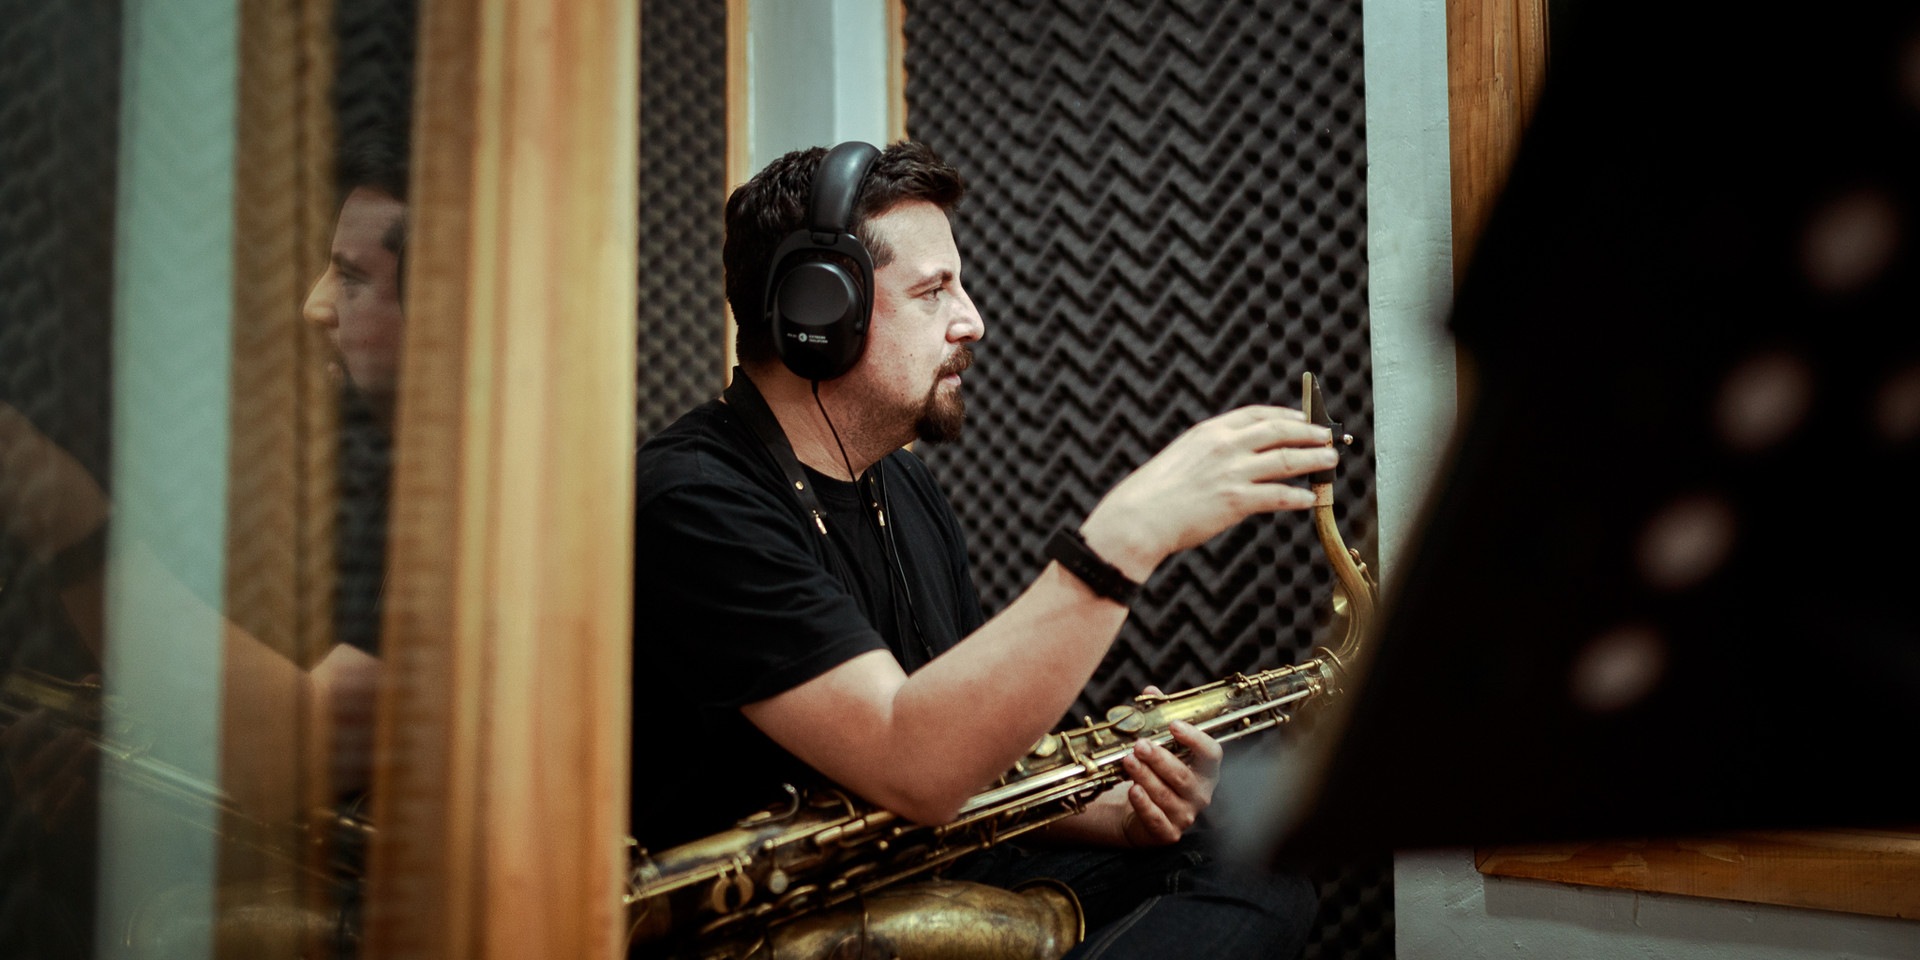 Claudio Rubio